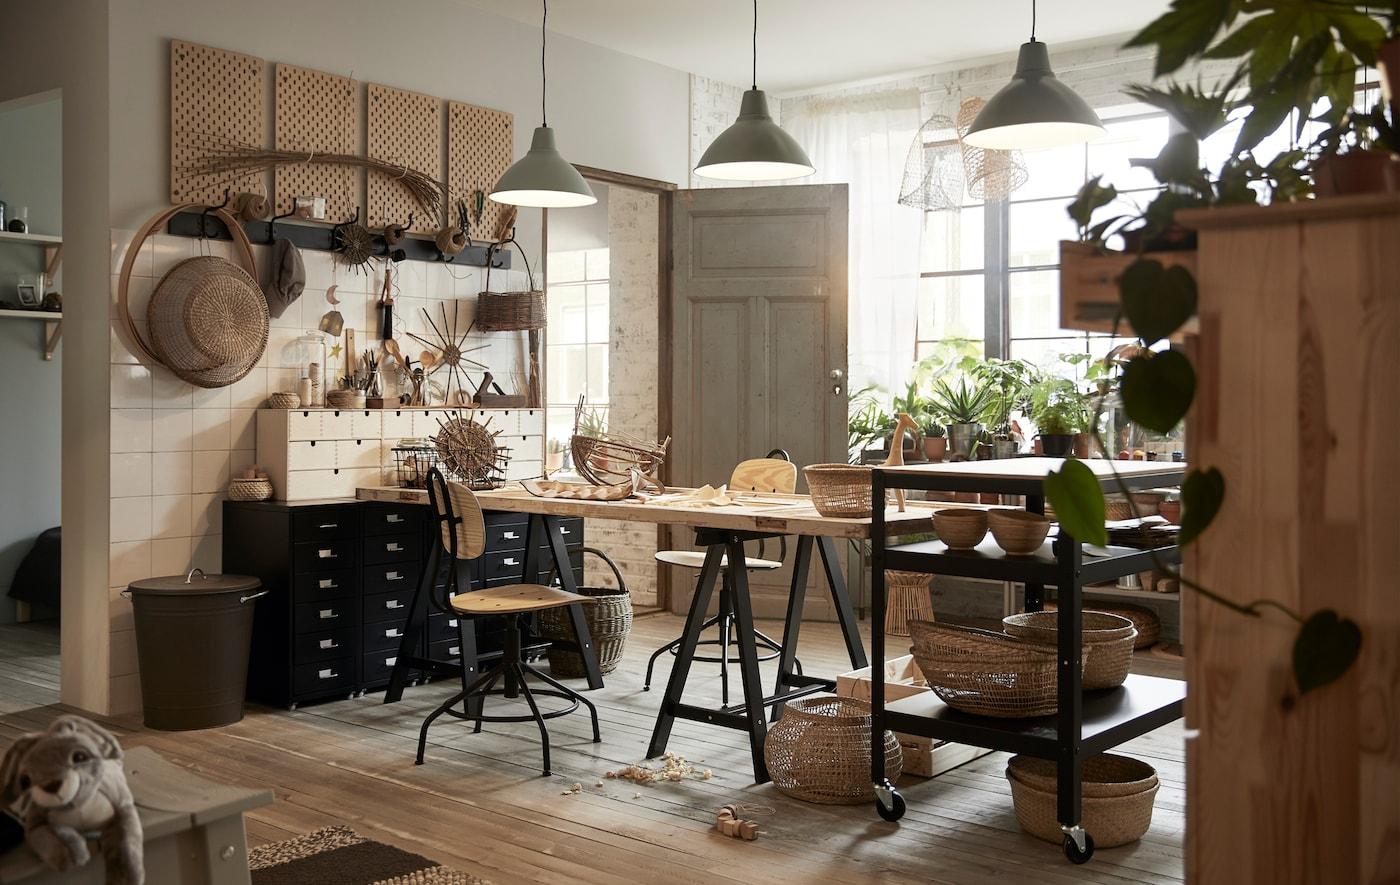 Stwórz miejsce do pracy o industrialnym charakterze. Świetnie sprawdzi się wygodne krzesło ze stali i drewna, takie jak krzesło obrotowe KULLABERG!